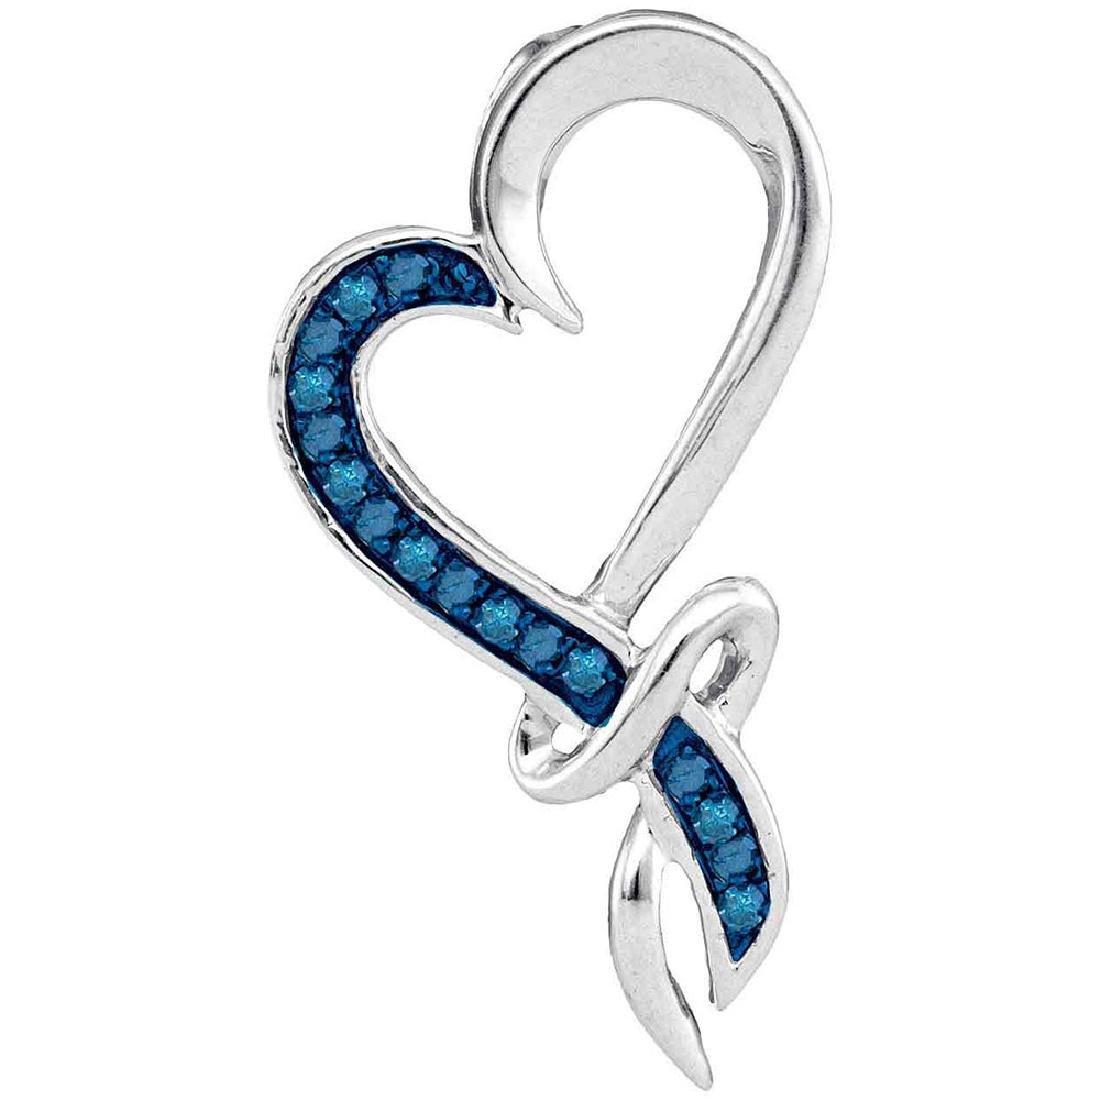 0.10 CTW Blue Color Diamond Heart Pendant 10KT White